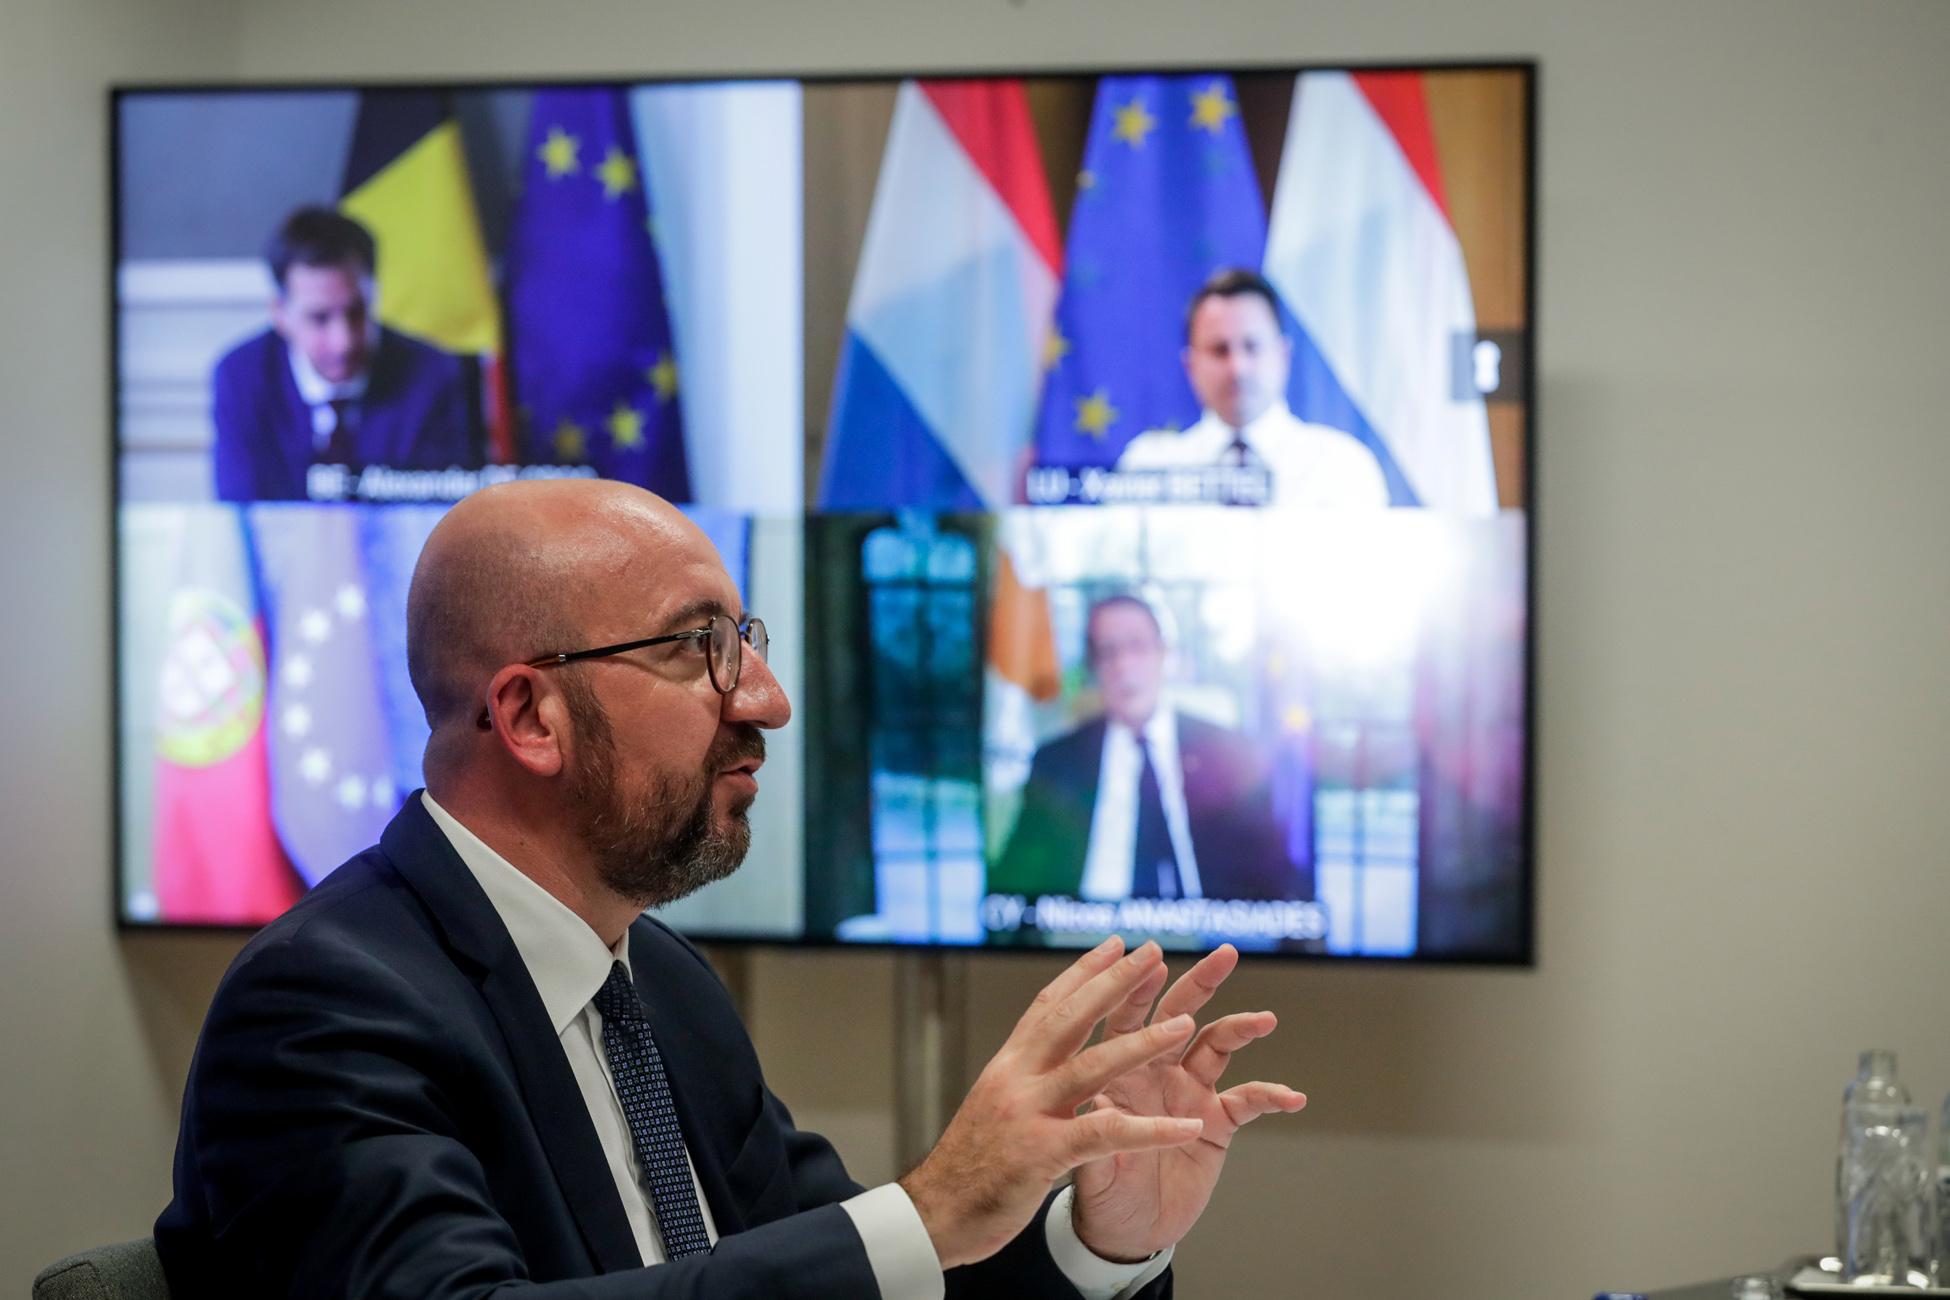 Νέο «χαστούκι» της Ευρωβουλής στην Τουρκία: Με 520 ψήφους αναστέλλονται οι ενταξιακές διαπραγματεύσεις